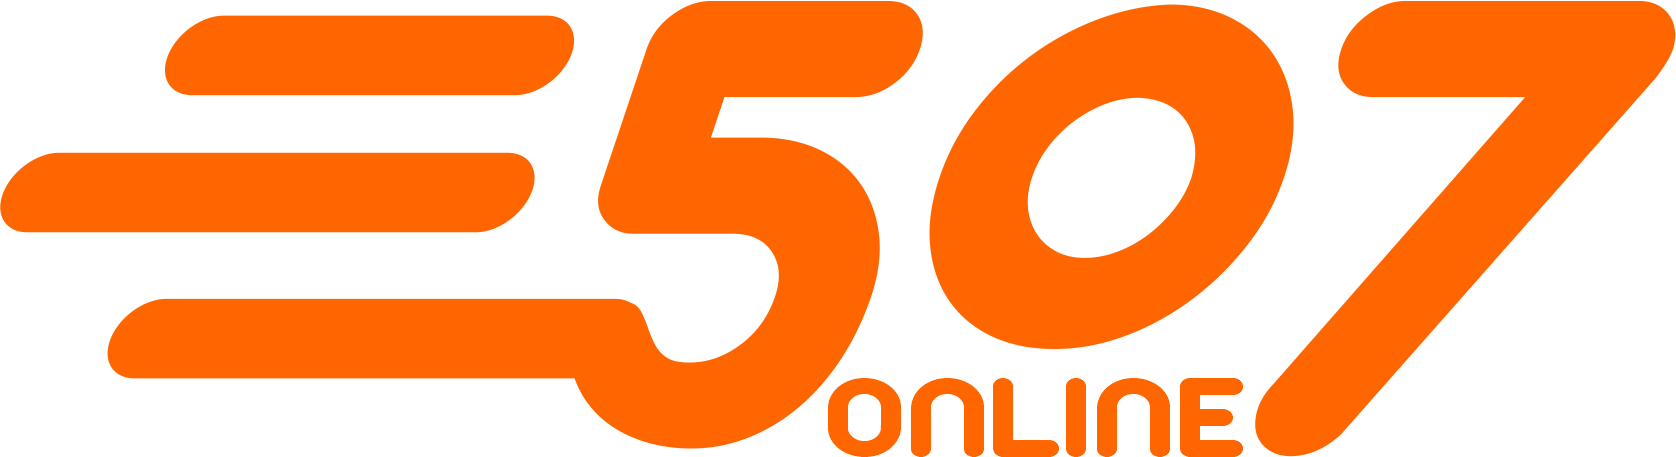 507 Online